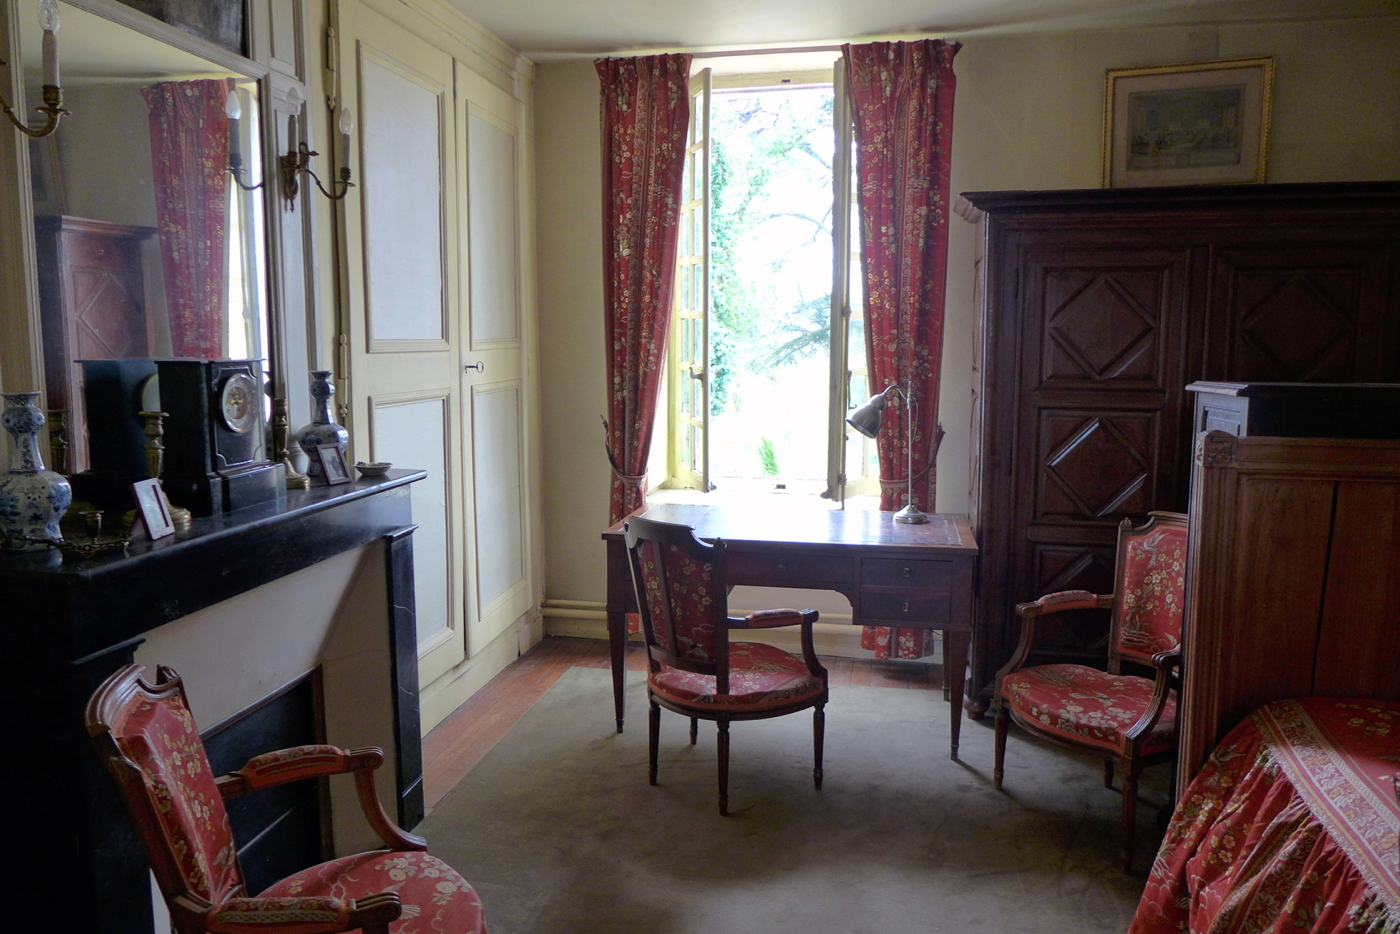 Manoir vendre sur 2 ha avec d pendances indre et loire Study table facing window